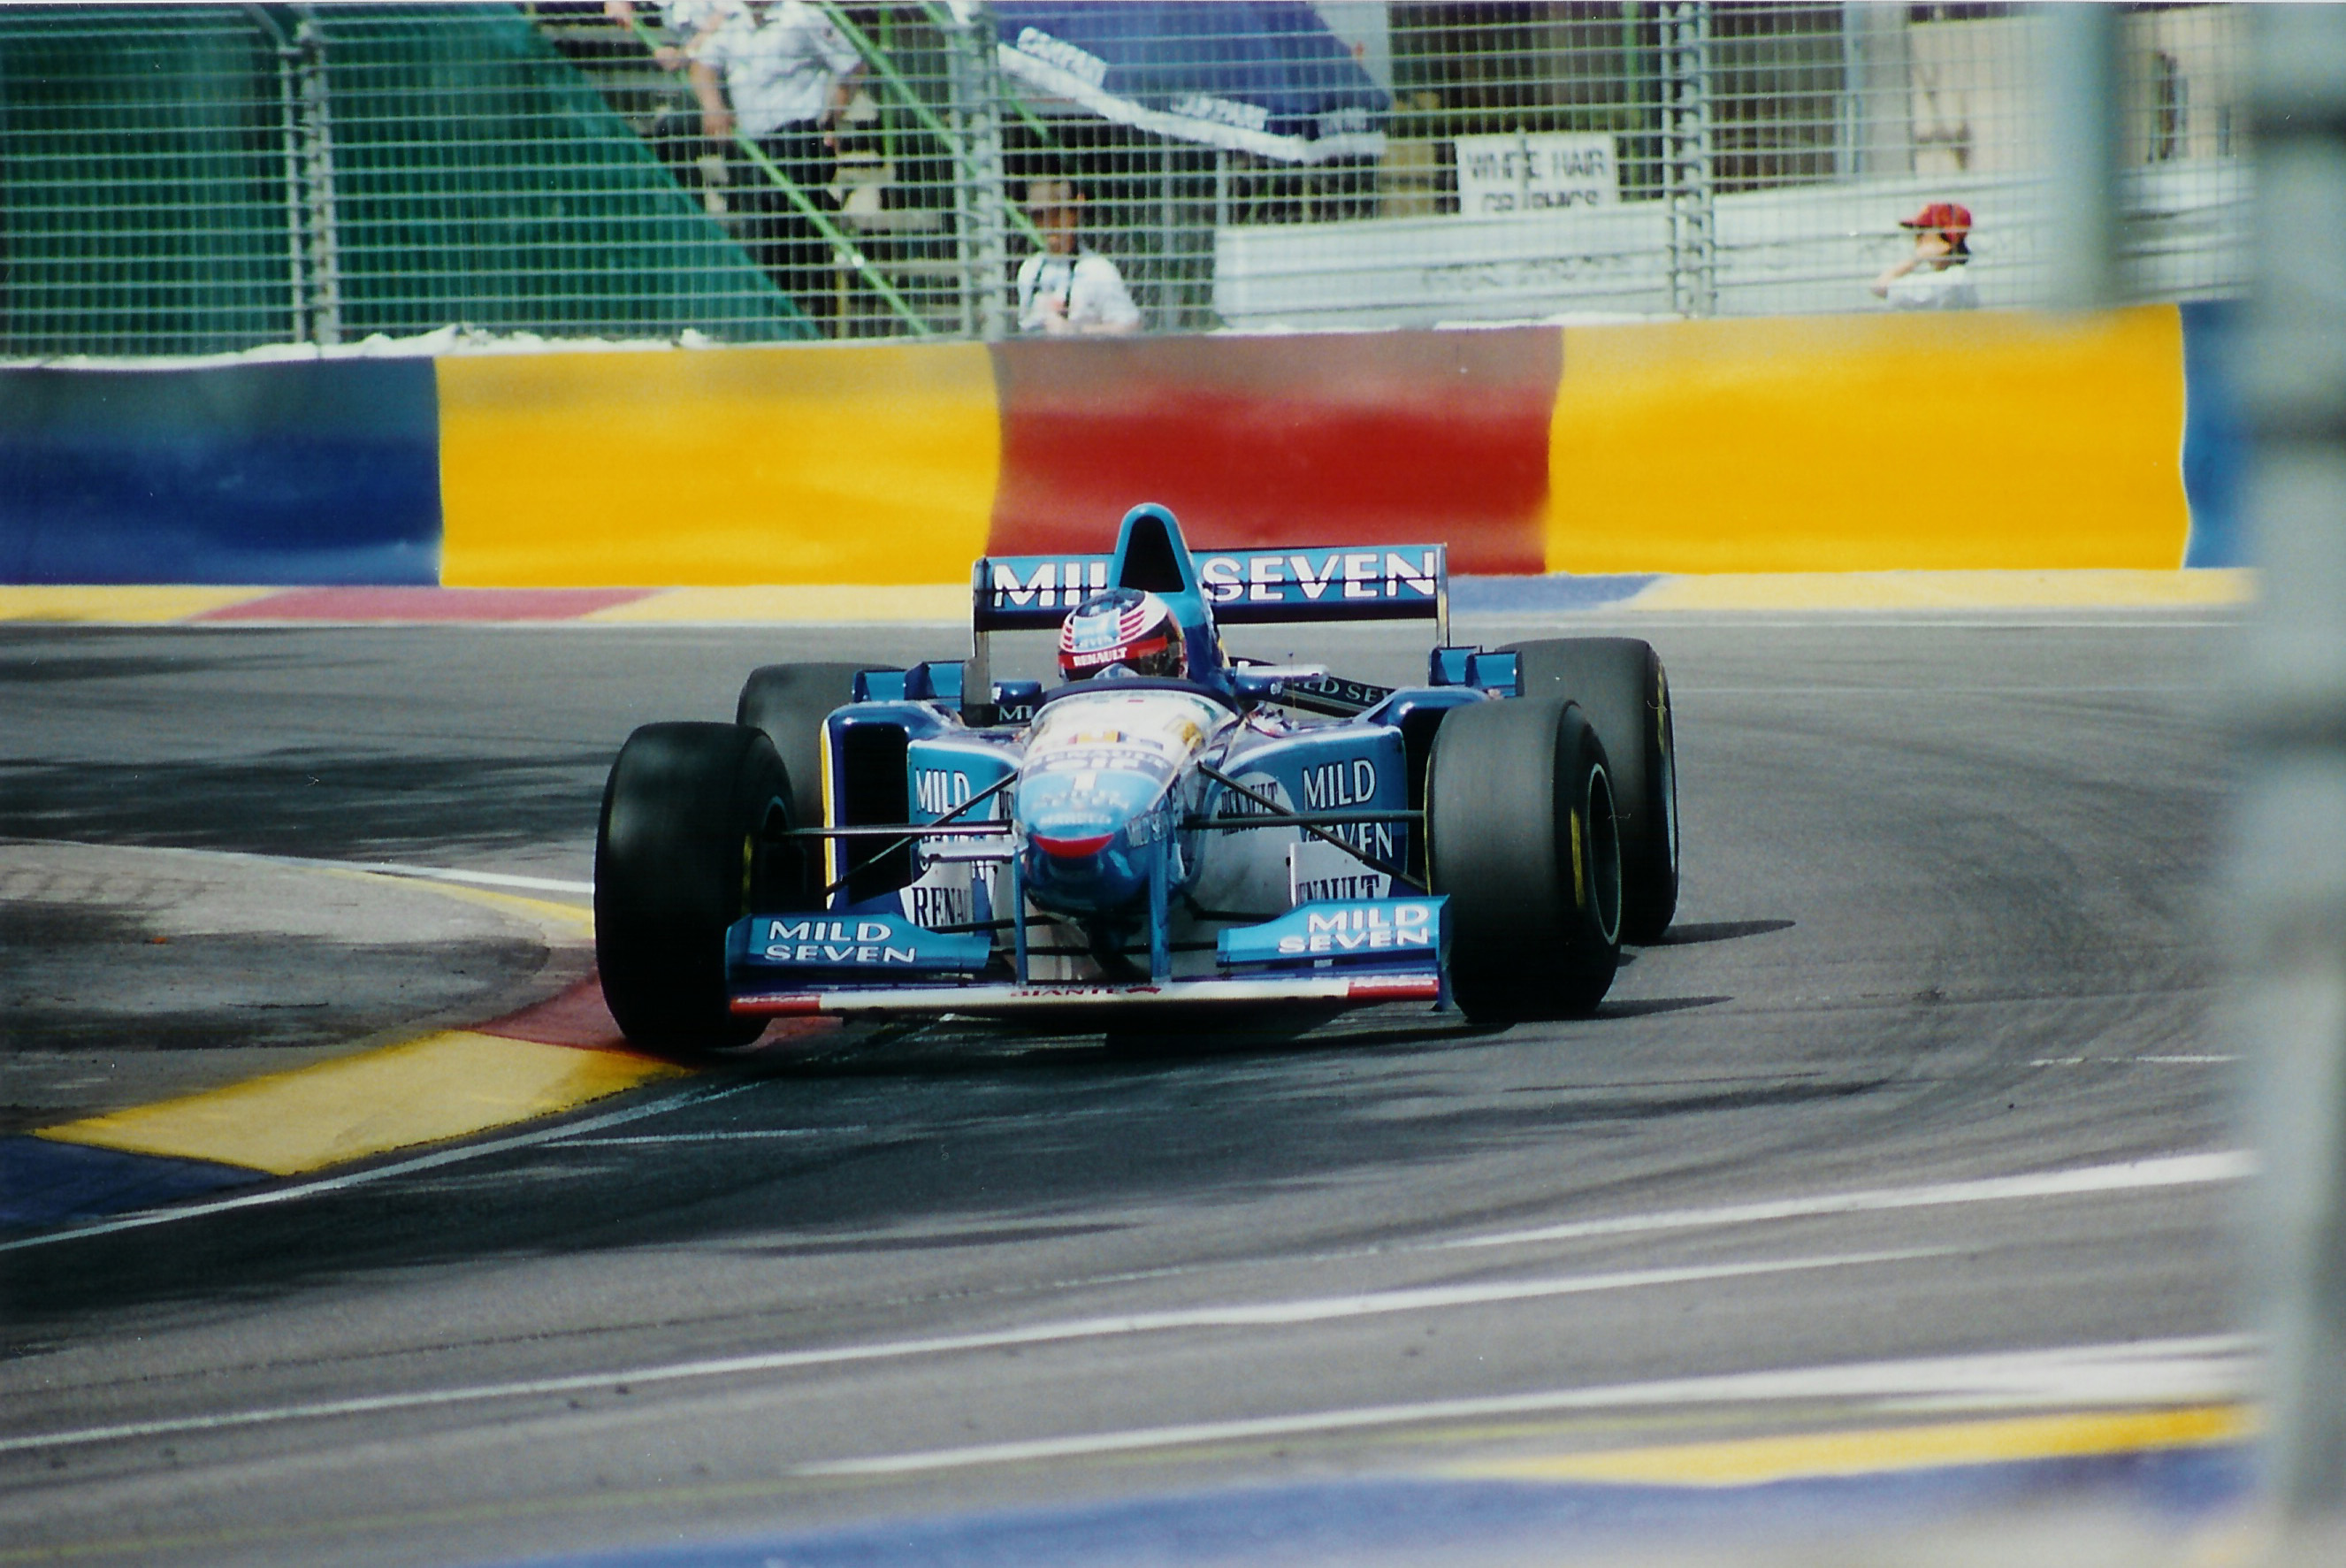 Analyse du style de pilotage de Schumacher